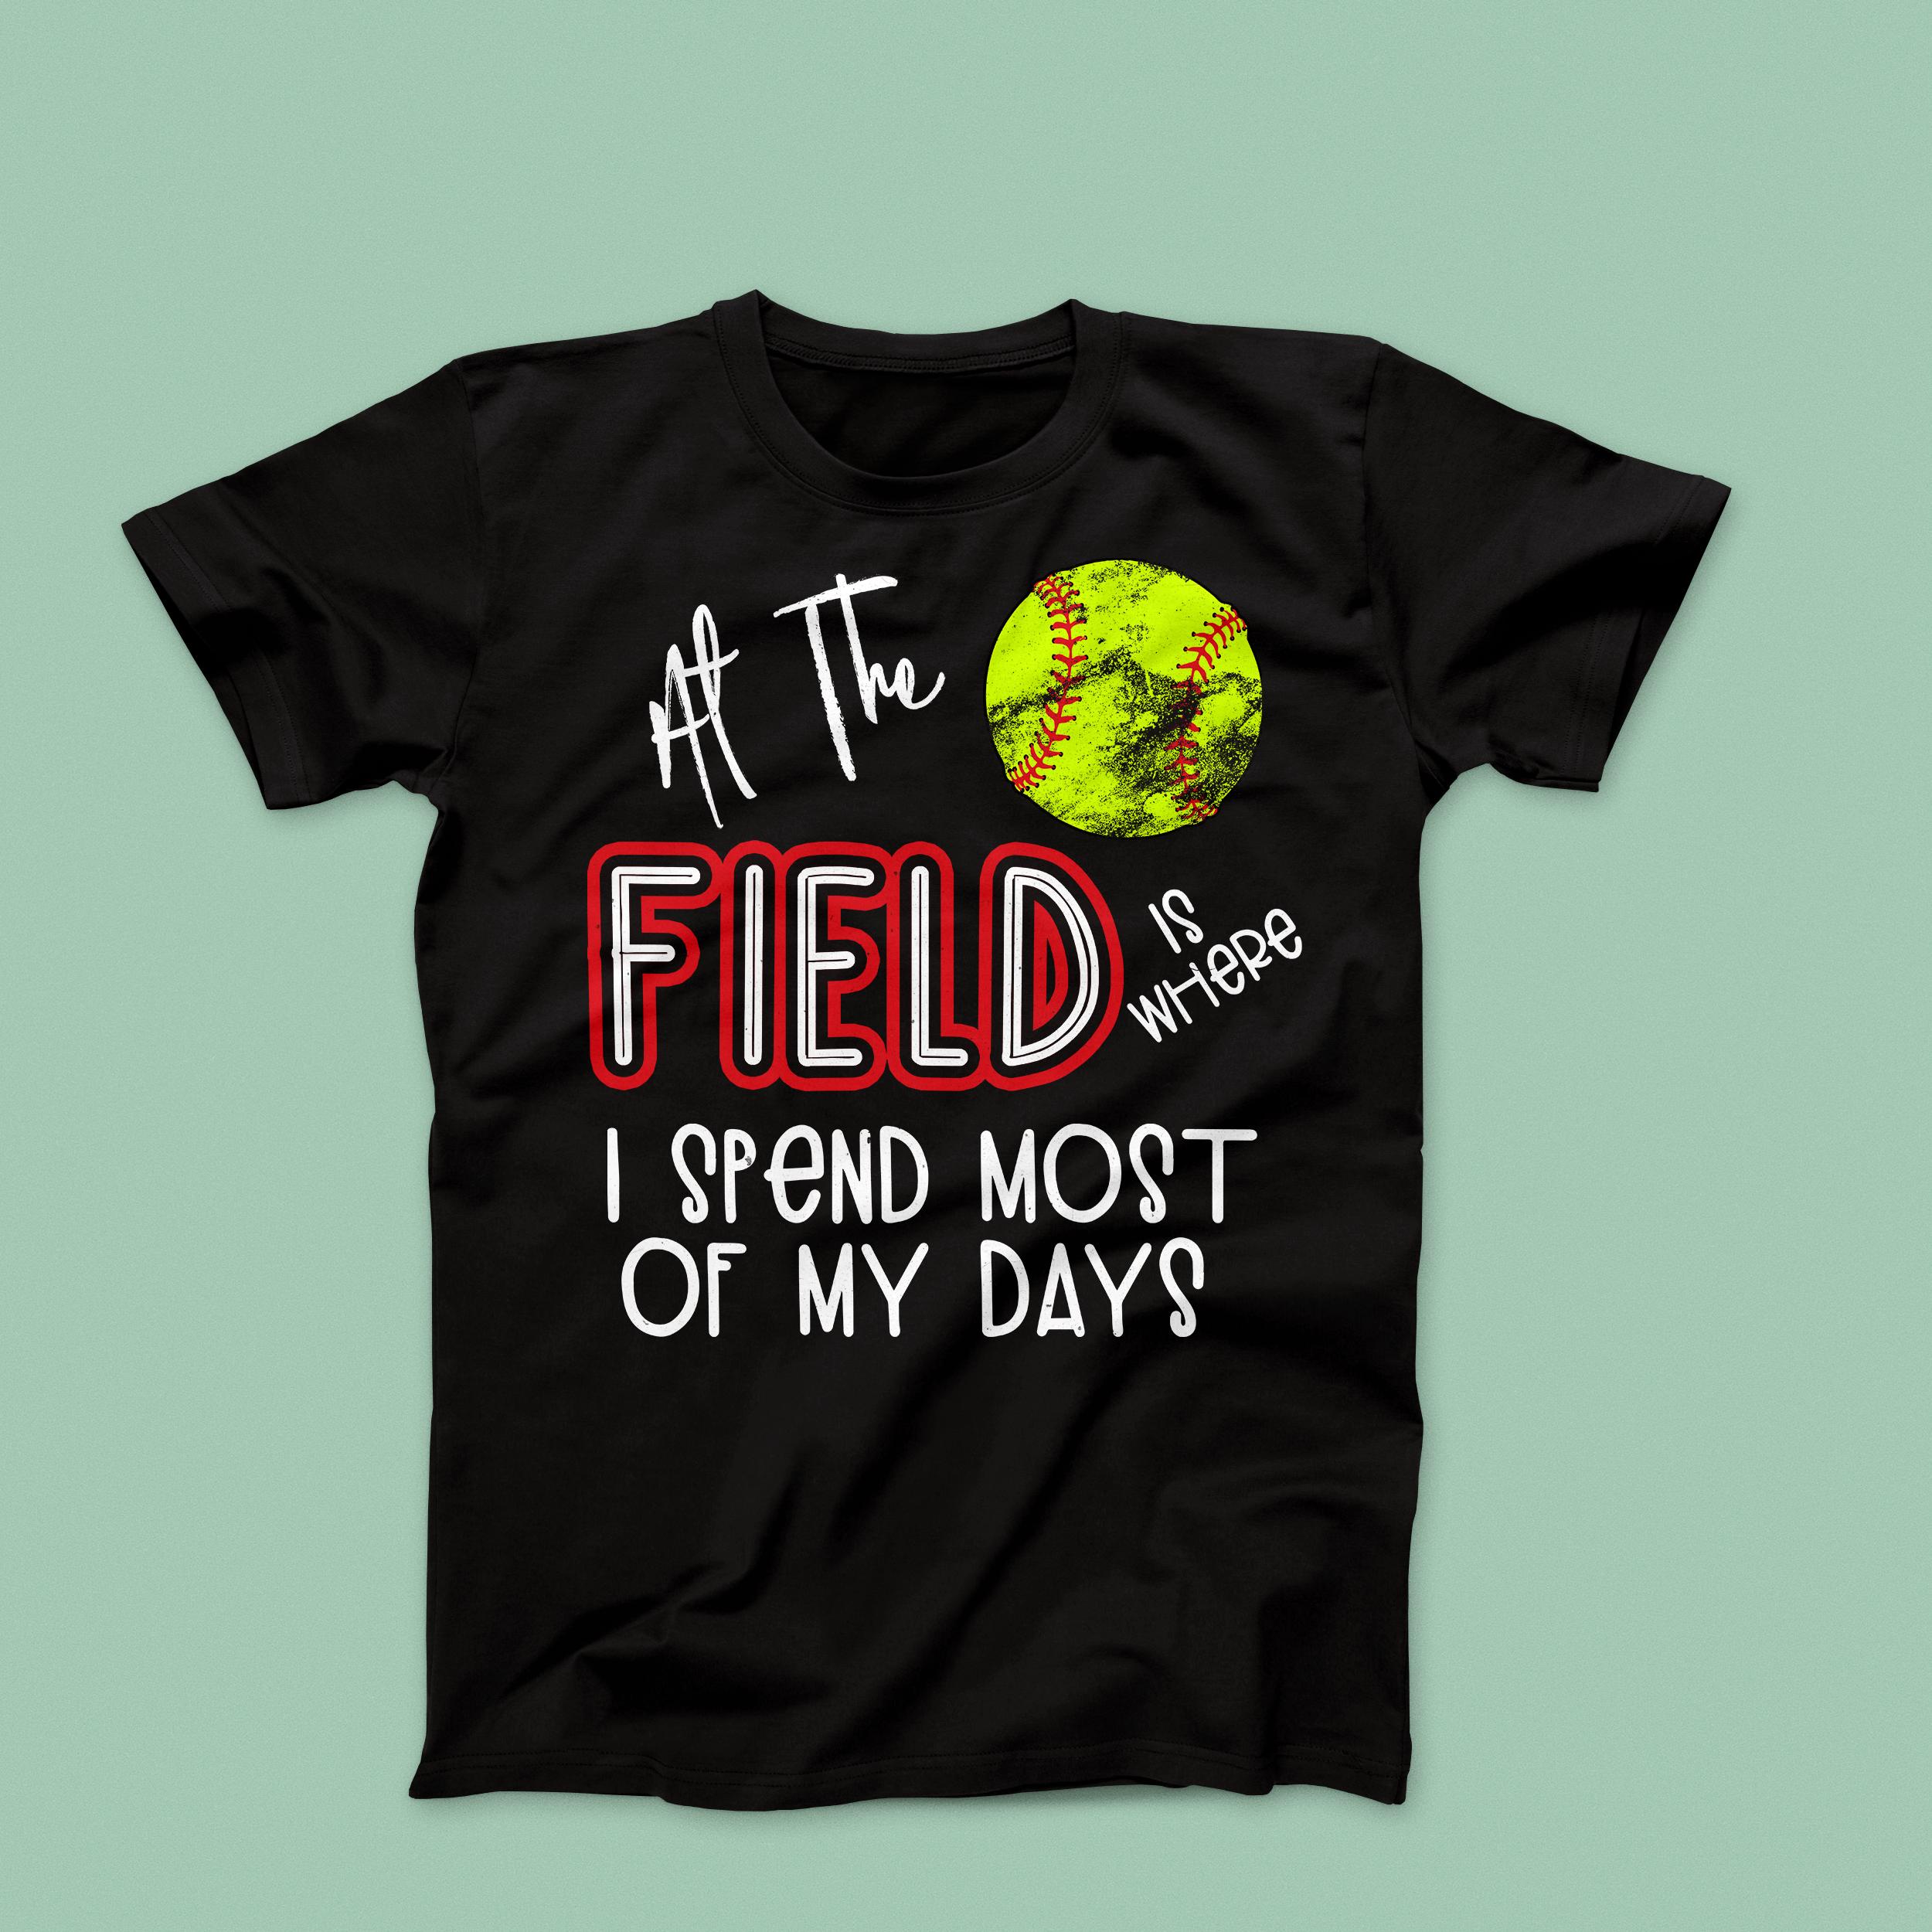 Mom Softball T-Shirts Softball Vibes T-Shirt Cute Softball Shirt Personalized Softball Mom T-Shirt